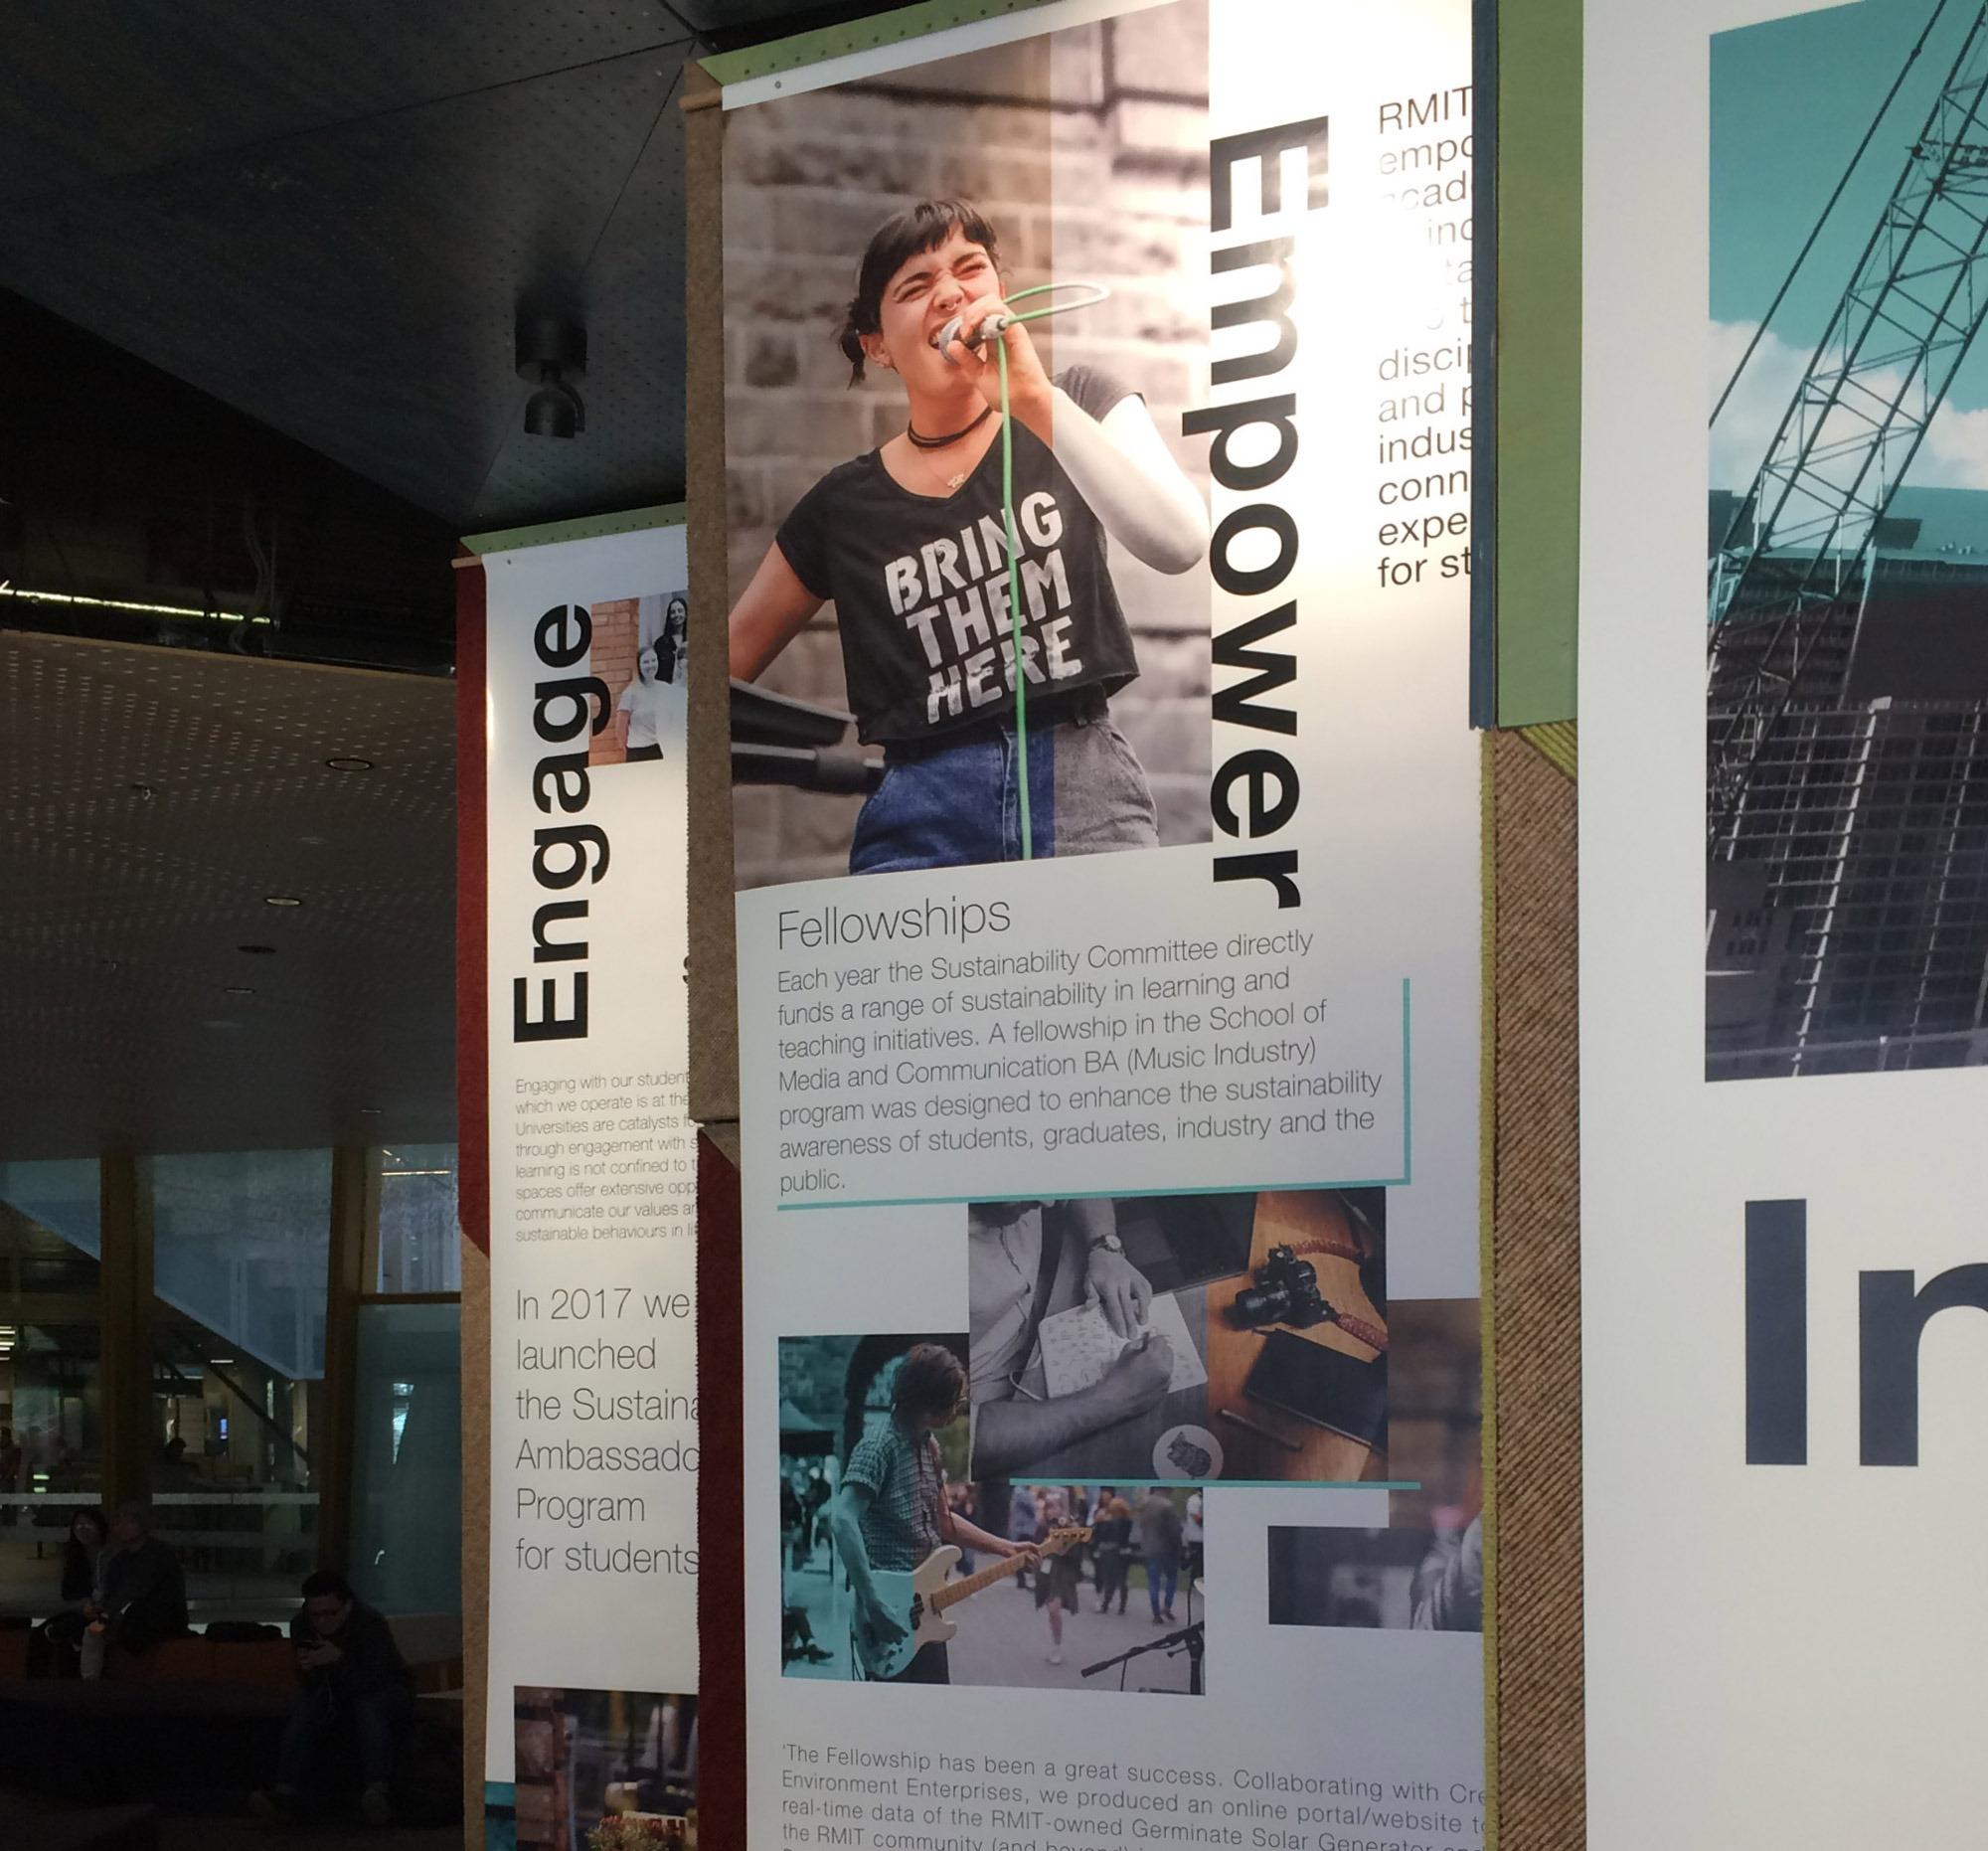 RMIT-exhibition-branding-studio-tbac